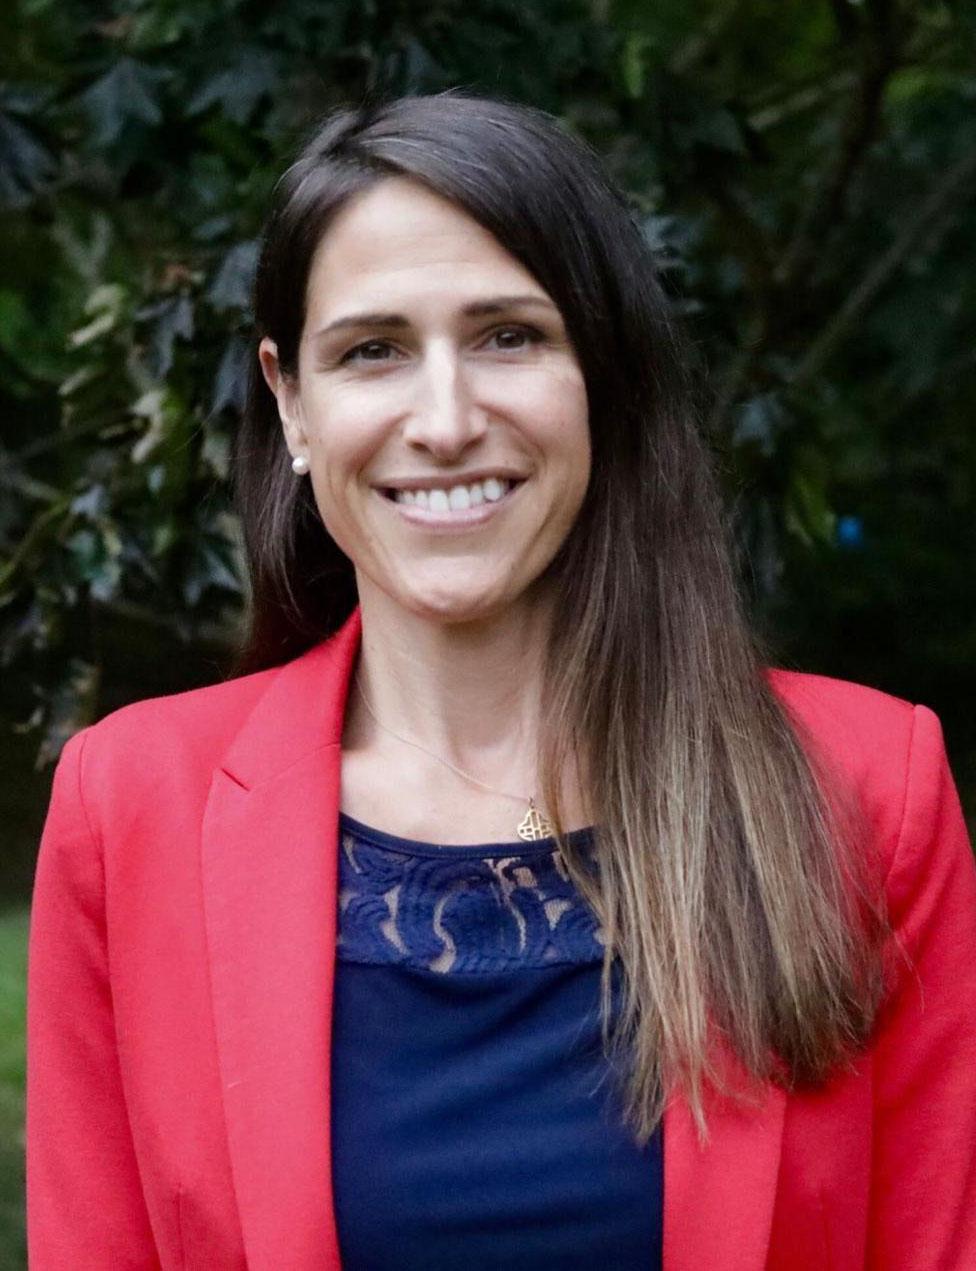 DanielleCROP